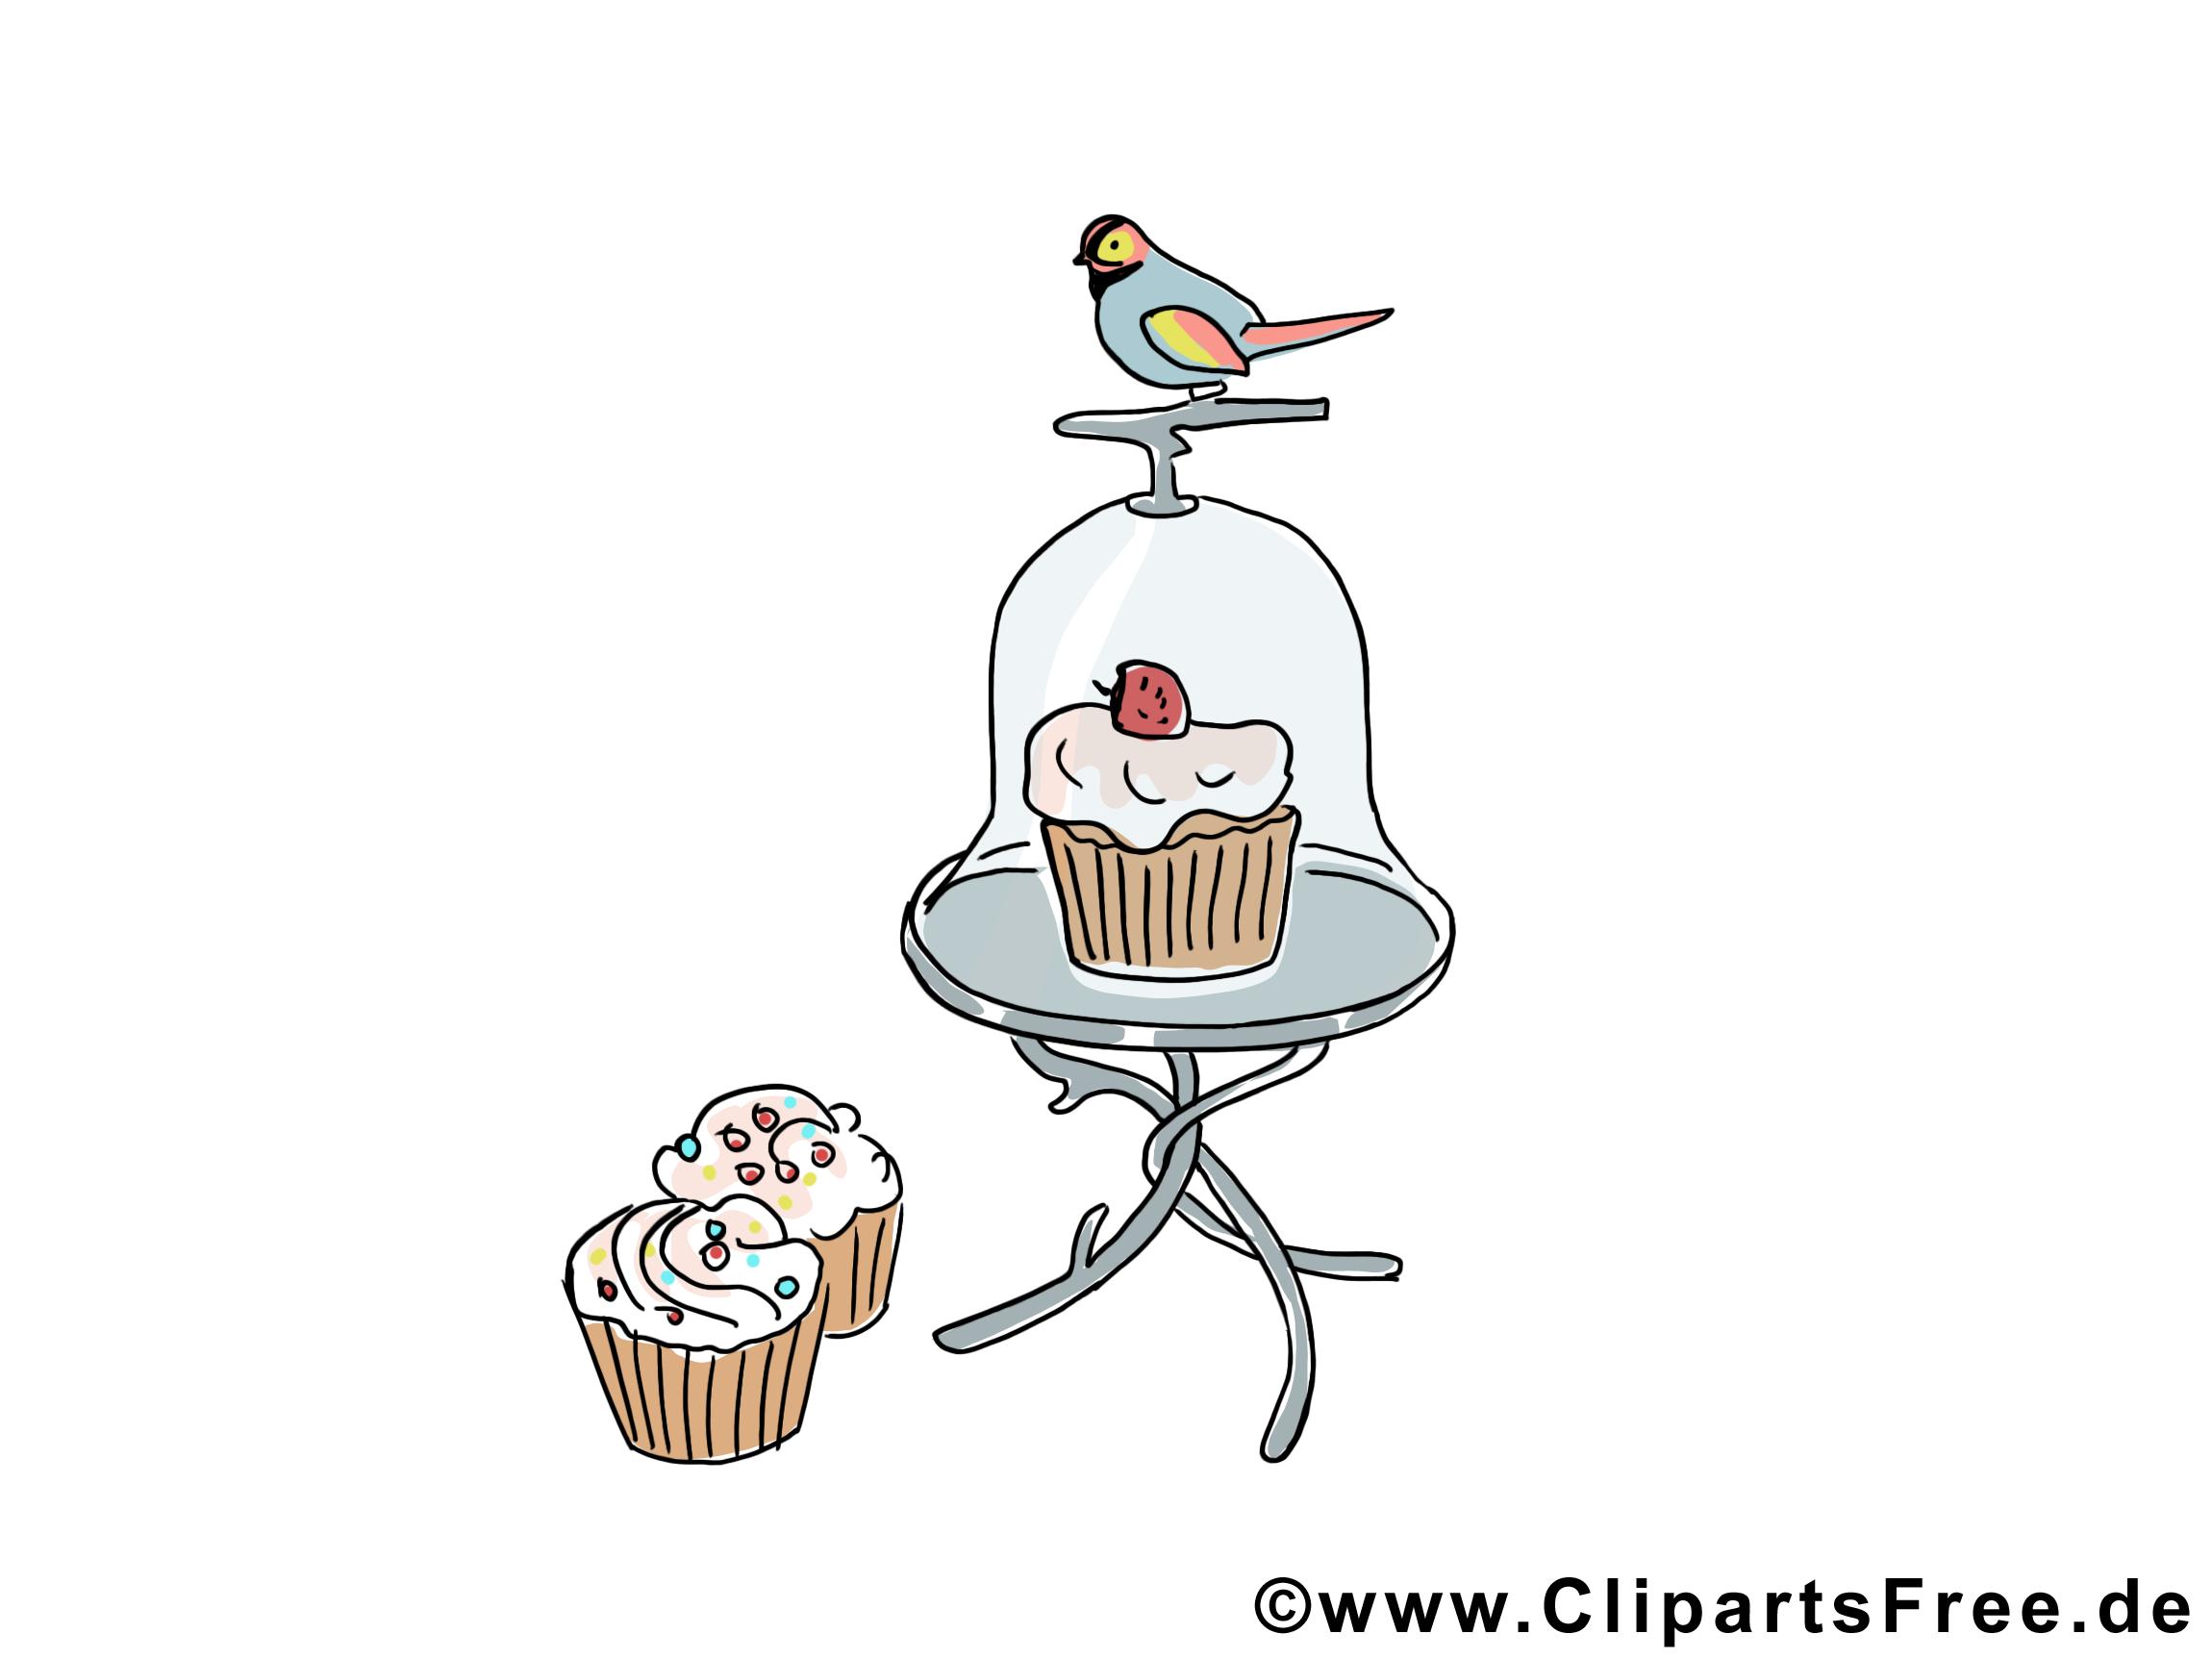 Kuchen Und Vogel Bild Clipart Illustration Grafik Kostenlos